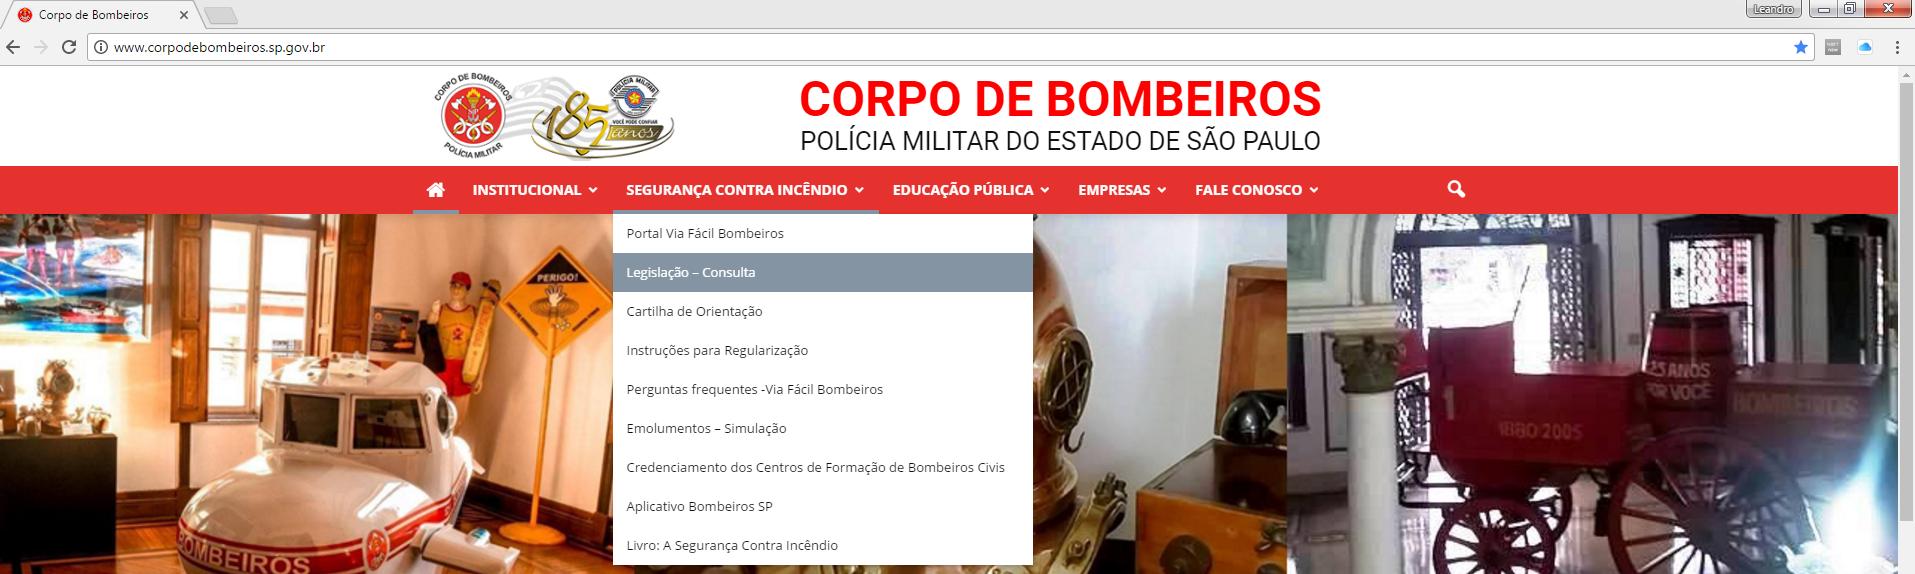 Imagem Site Corpo de Bombeiros Estado de São Paulo